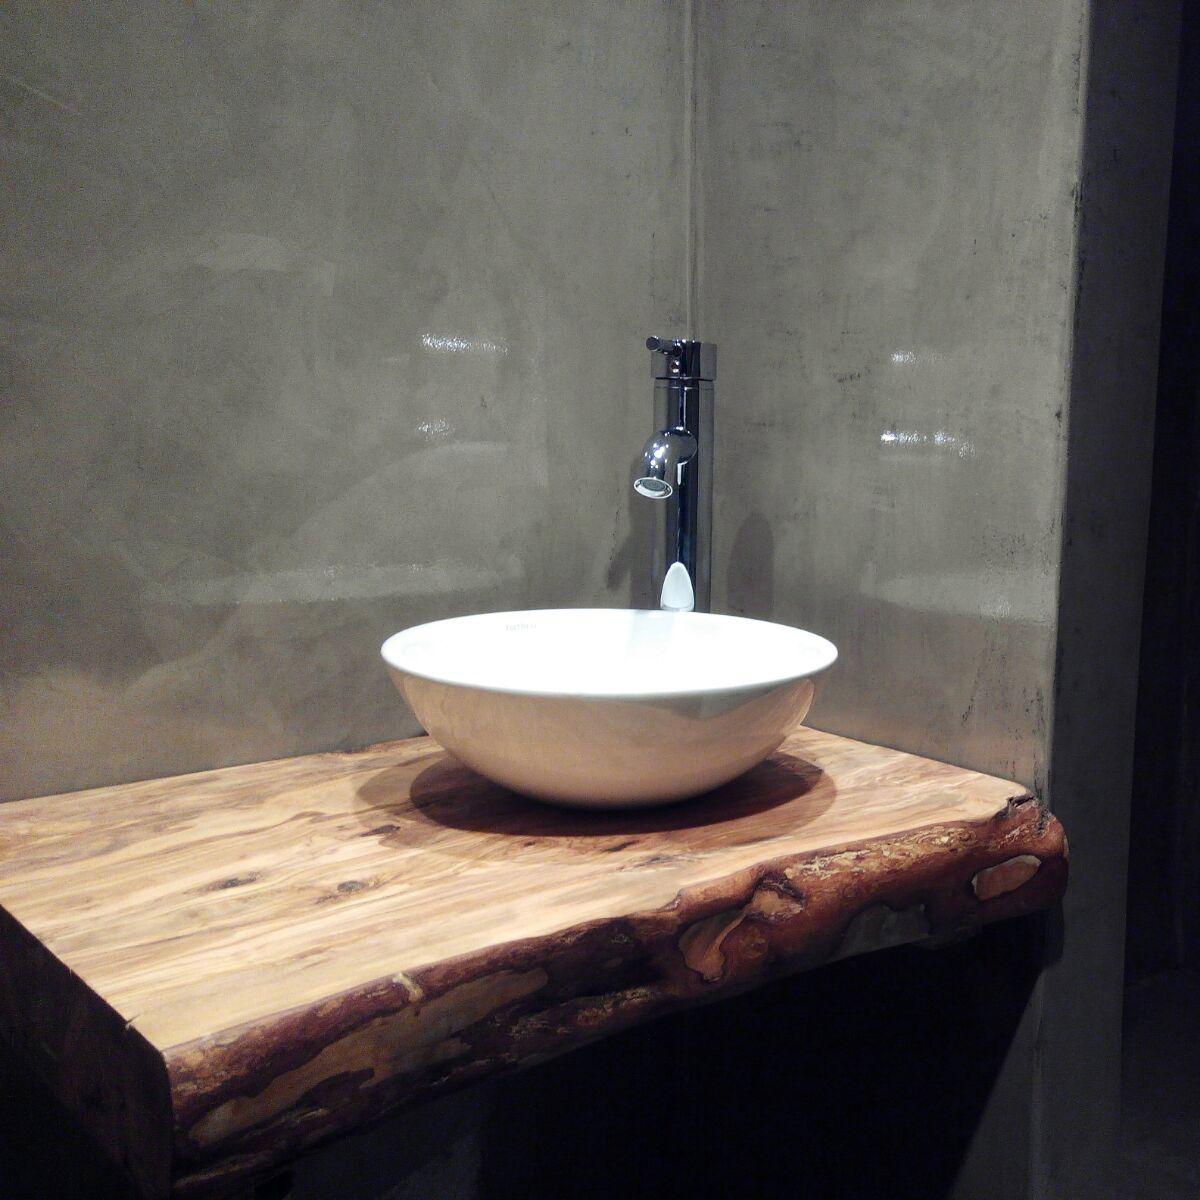 Encimera de ba o de madera r stica en un ambiente for Muebles de bano de madera rusticos